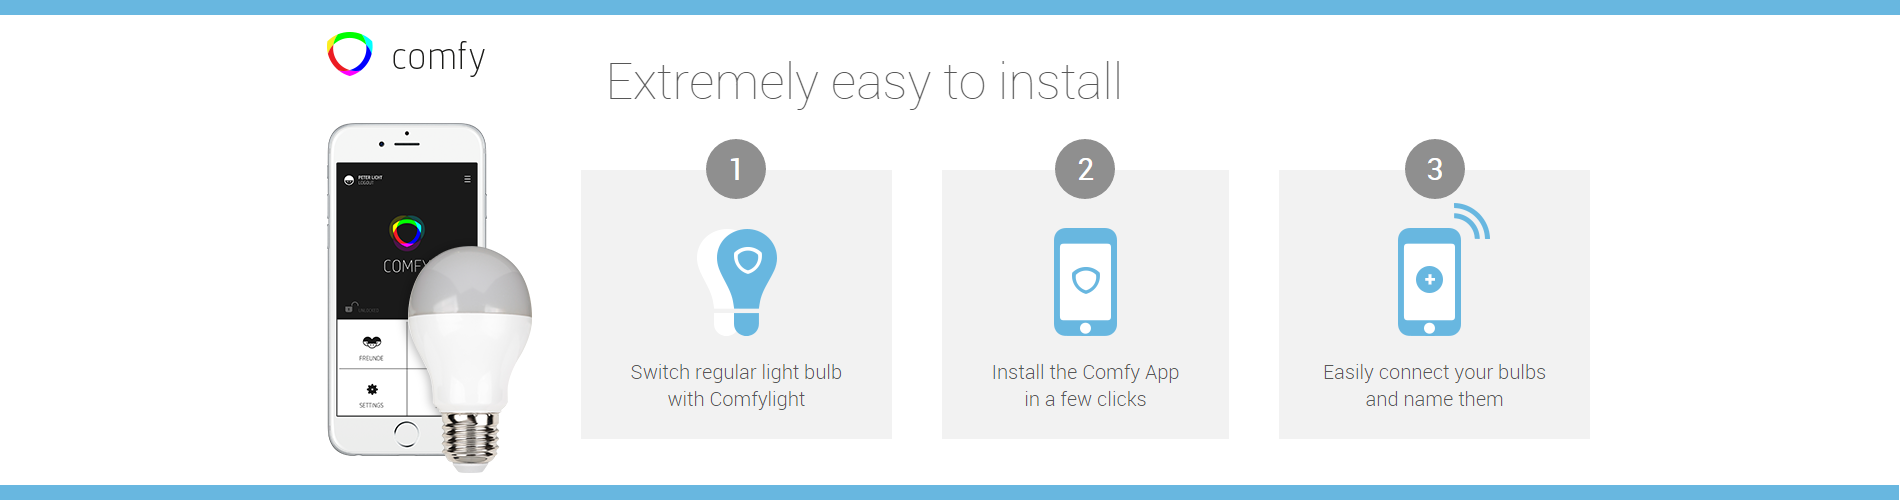 comfy smart light